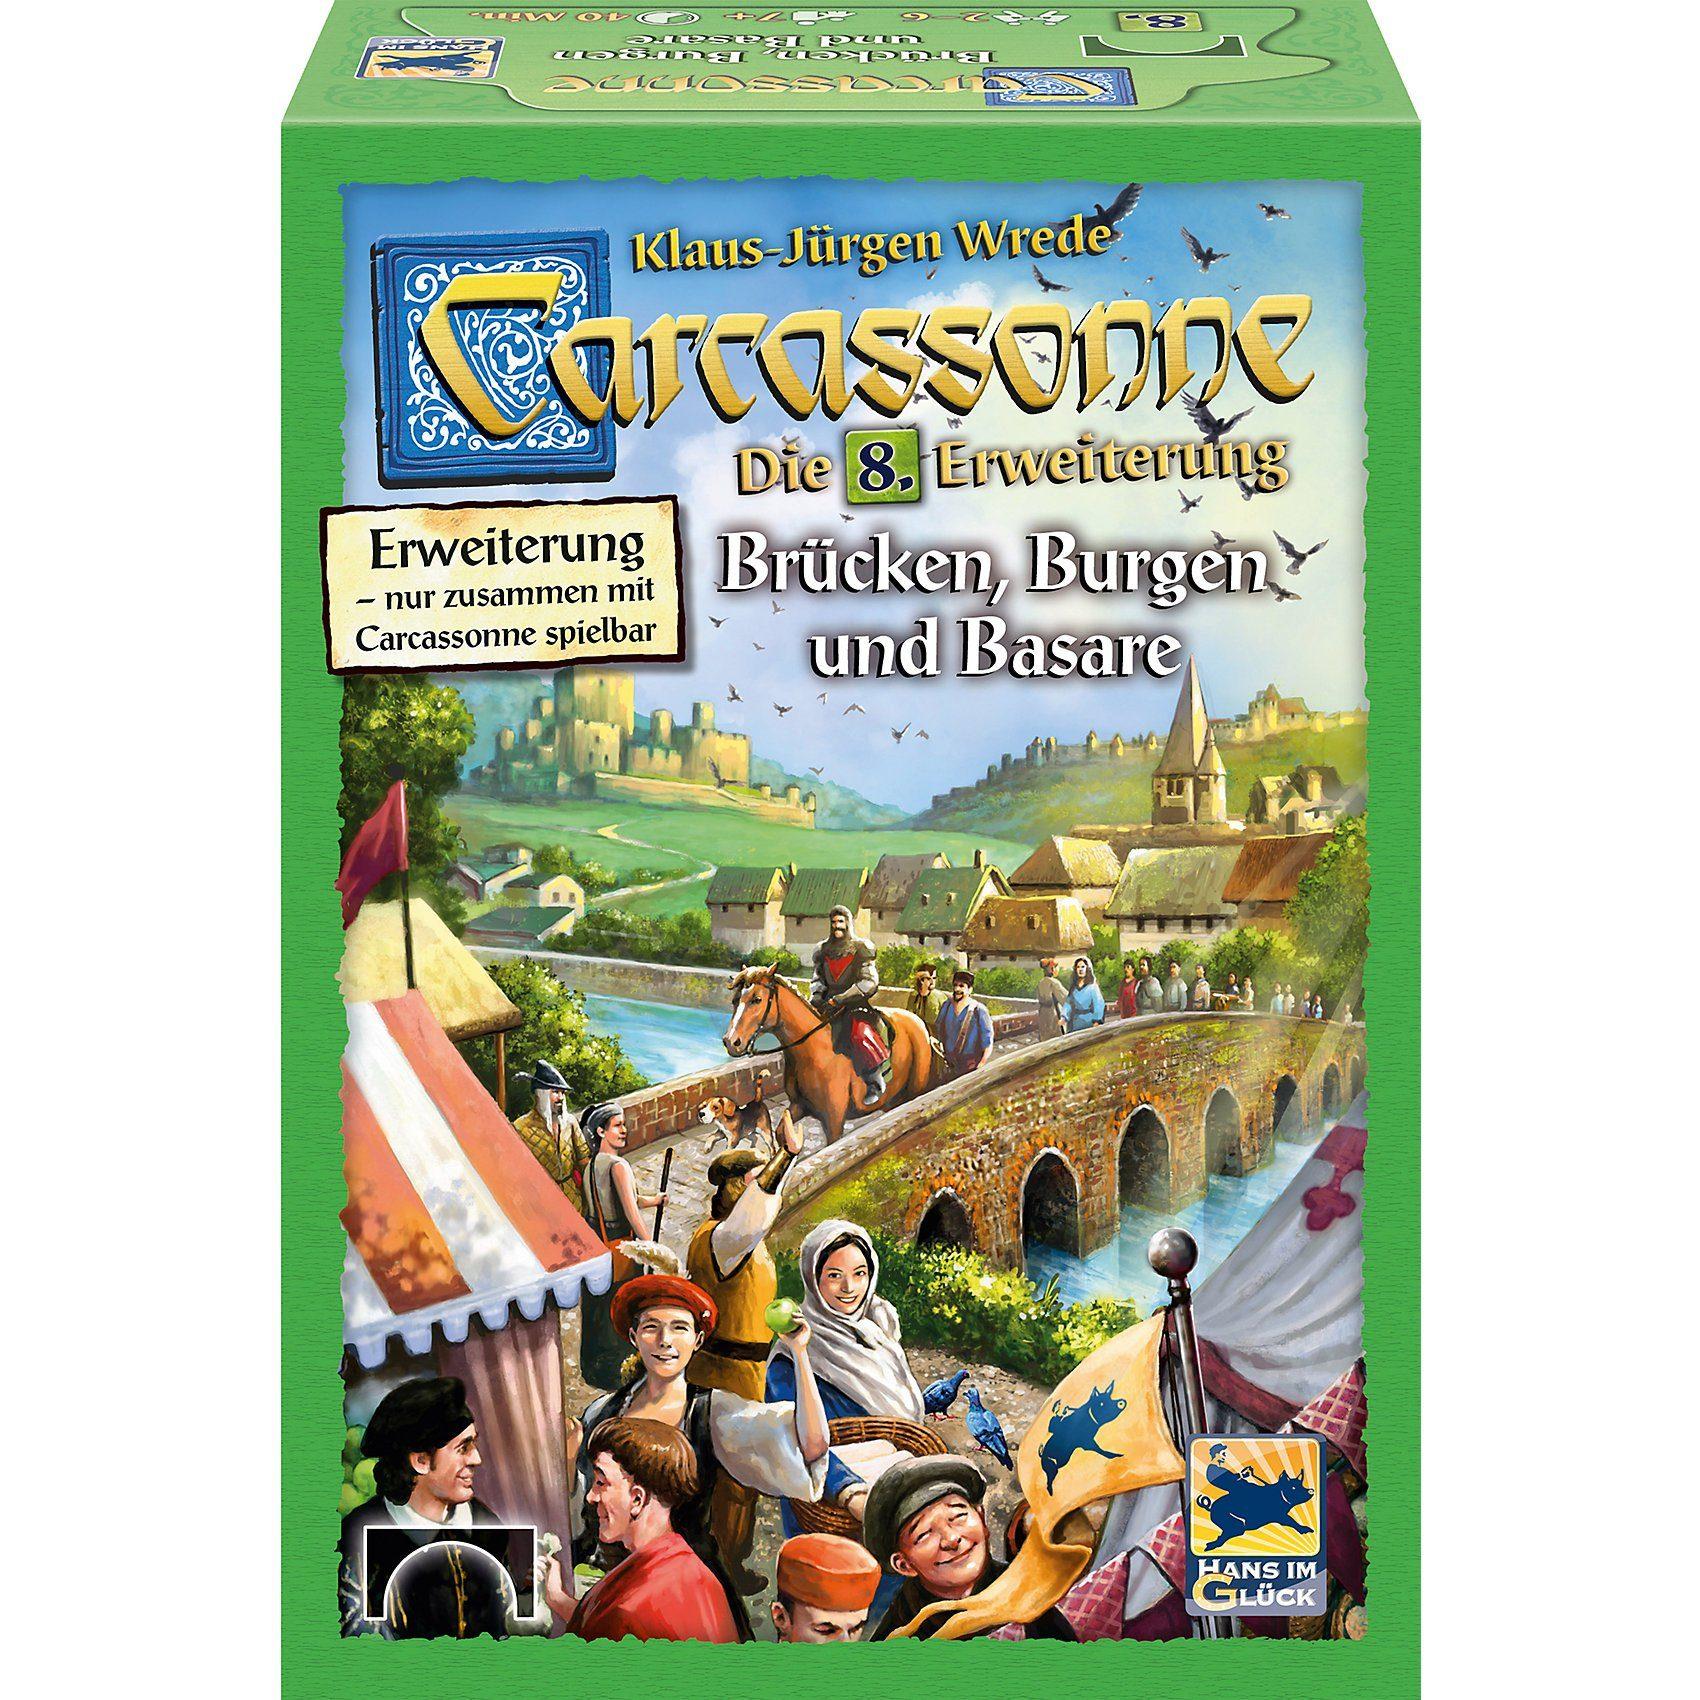 Hans im Glück Carcassonne Erweiterung 8 - Brücken Burgen und Basare